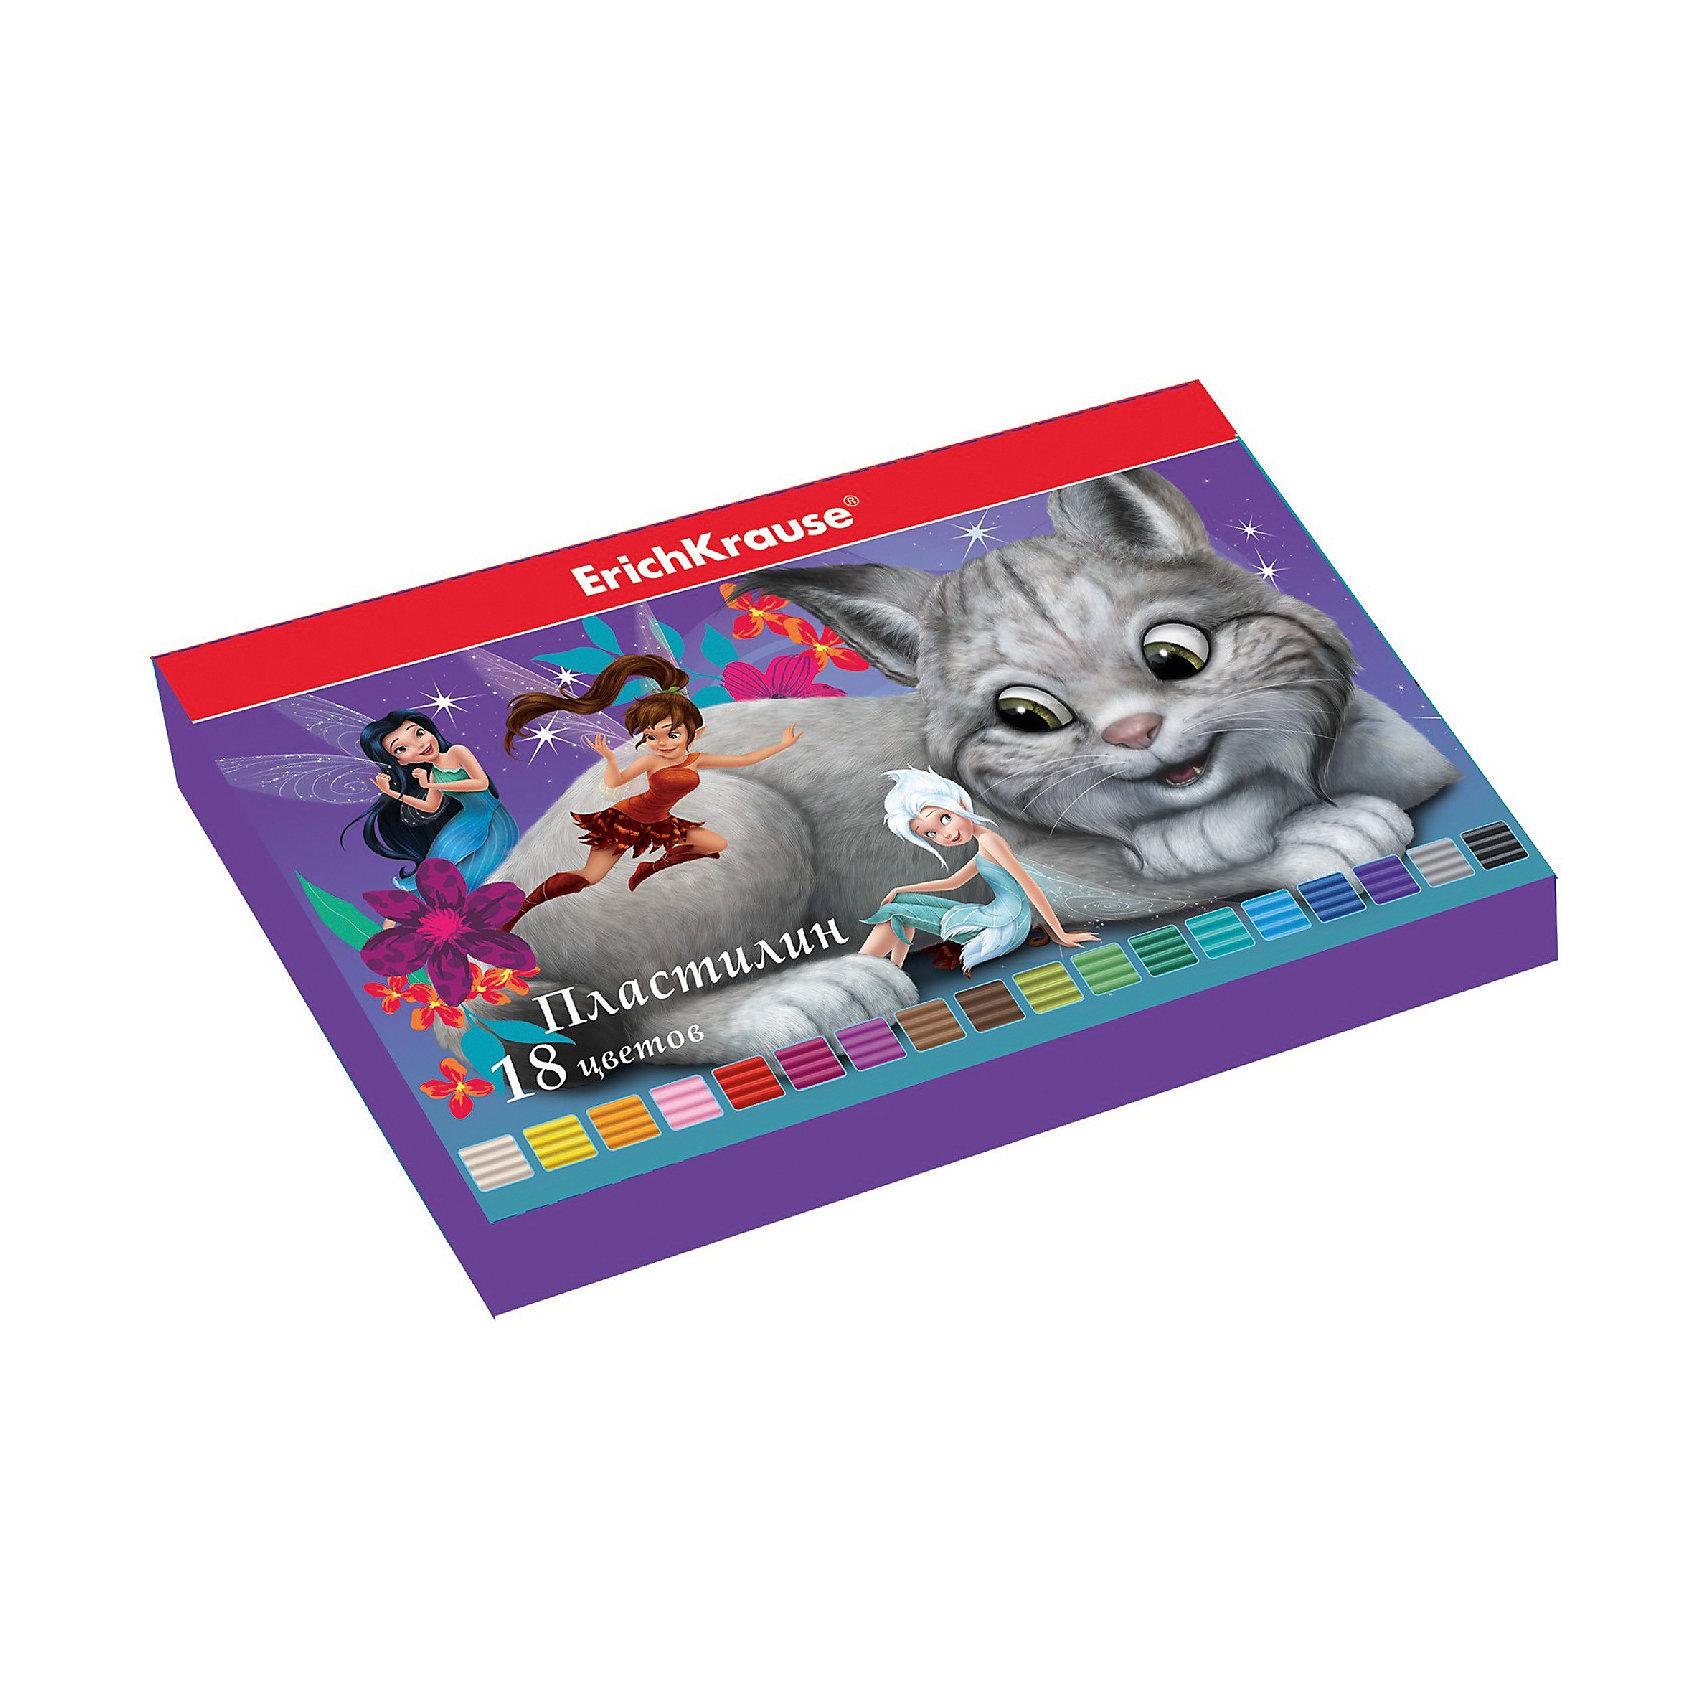 Пластилин 18 цветов Феи и невиданный зверь, 324г, со стекомЛепка<br>Пластилин 18 цветов Феи и невиданный зверь, 324г, со стеком<br><br>Характеристики:<br><br>• В набор входит: 18 брусочков пластилина, лопаточка-стек<br>• Размер упаковки: 22,5 * 1,6 * 14 см.<br>• Вес: 383 г.<br>• Для детей в возрасте: от 3-х лет<br>• Страна производитель: Китай<br><br>Восемнадцать ярких цветных брусочков пластилина изготовлены из безопасных для детей материалов и уже готовы к лепке. В набор входит лопаточка для пластилина, с ней вы сможете разрезать пластилин, делать его плоским или рифленым. Насыщенные цвета пластилина почти не оставляют следов на руках и могут перемешиваться между собой. Поделки из разных цветов отлично прикрепляются друг к другу. Работая с пластилином вы можете делать объемные фигурки, а также можете наносить пластилин на бумагу, картон или даже стекло, чтобы выполнять новые картины или даже фрески. <br><br>В набор входят целых восемнадцать цветов, которые помогут создать настоящие шедевры. Занимаясь лепкой дети развивают моторику рук, творческие способности, восприятие цветов и их сочетаний, а также лепка благотворно влияет на развитие речи, координацию движений, память и логическое мышление. Лепка всей семьей поможет весело и пользой провести время!<br><br>Пластилин 18 цветов Феи и невиданный зверь, 324г, со стеком можно купить в нашем интернет-магазине<br><br>Ширина мм: 225<br>Глубина мм: 143<br>Высота мм: 16<br>Вес г: 383<br>Возраст от месяцев: 60<br>Возраст до месяцев: 216<br>Пол: Унисекс<br>Возраст: Детский<br>SKU: 5409298